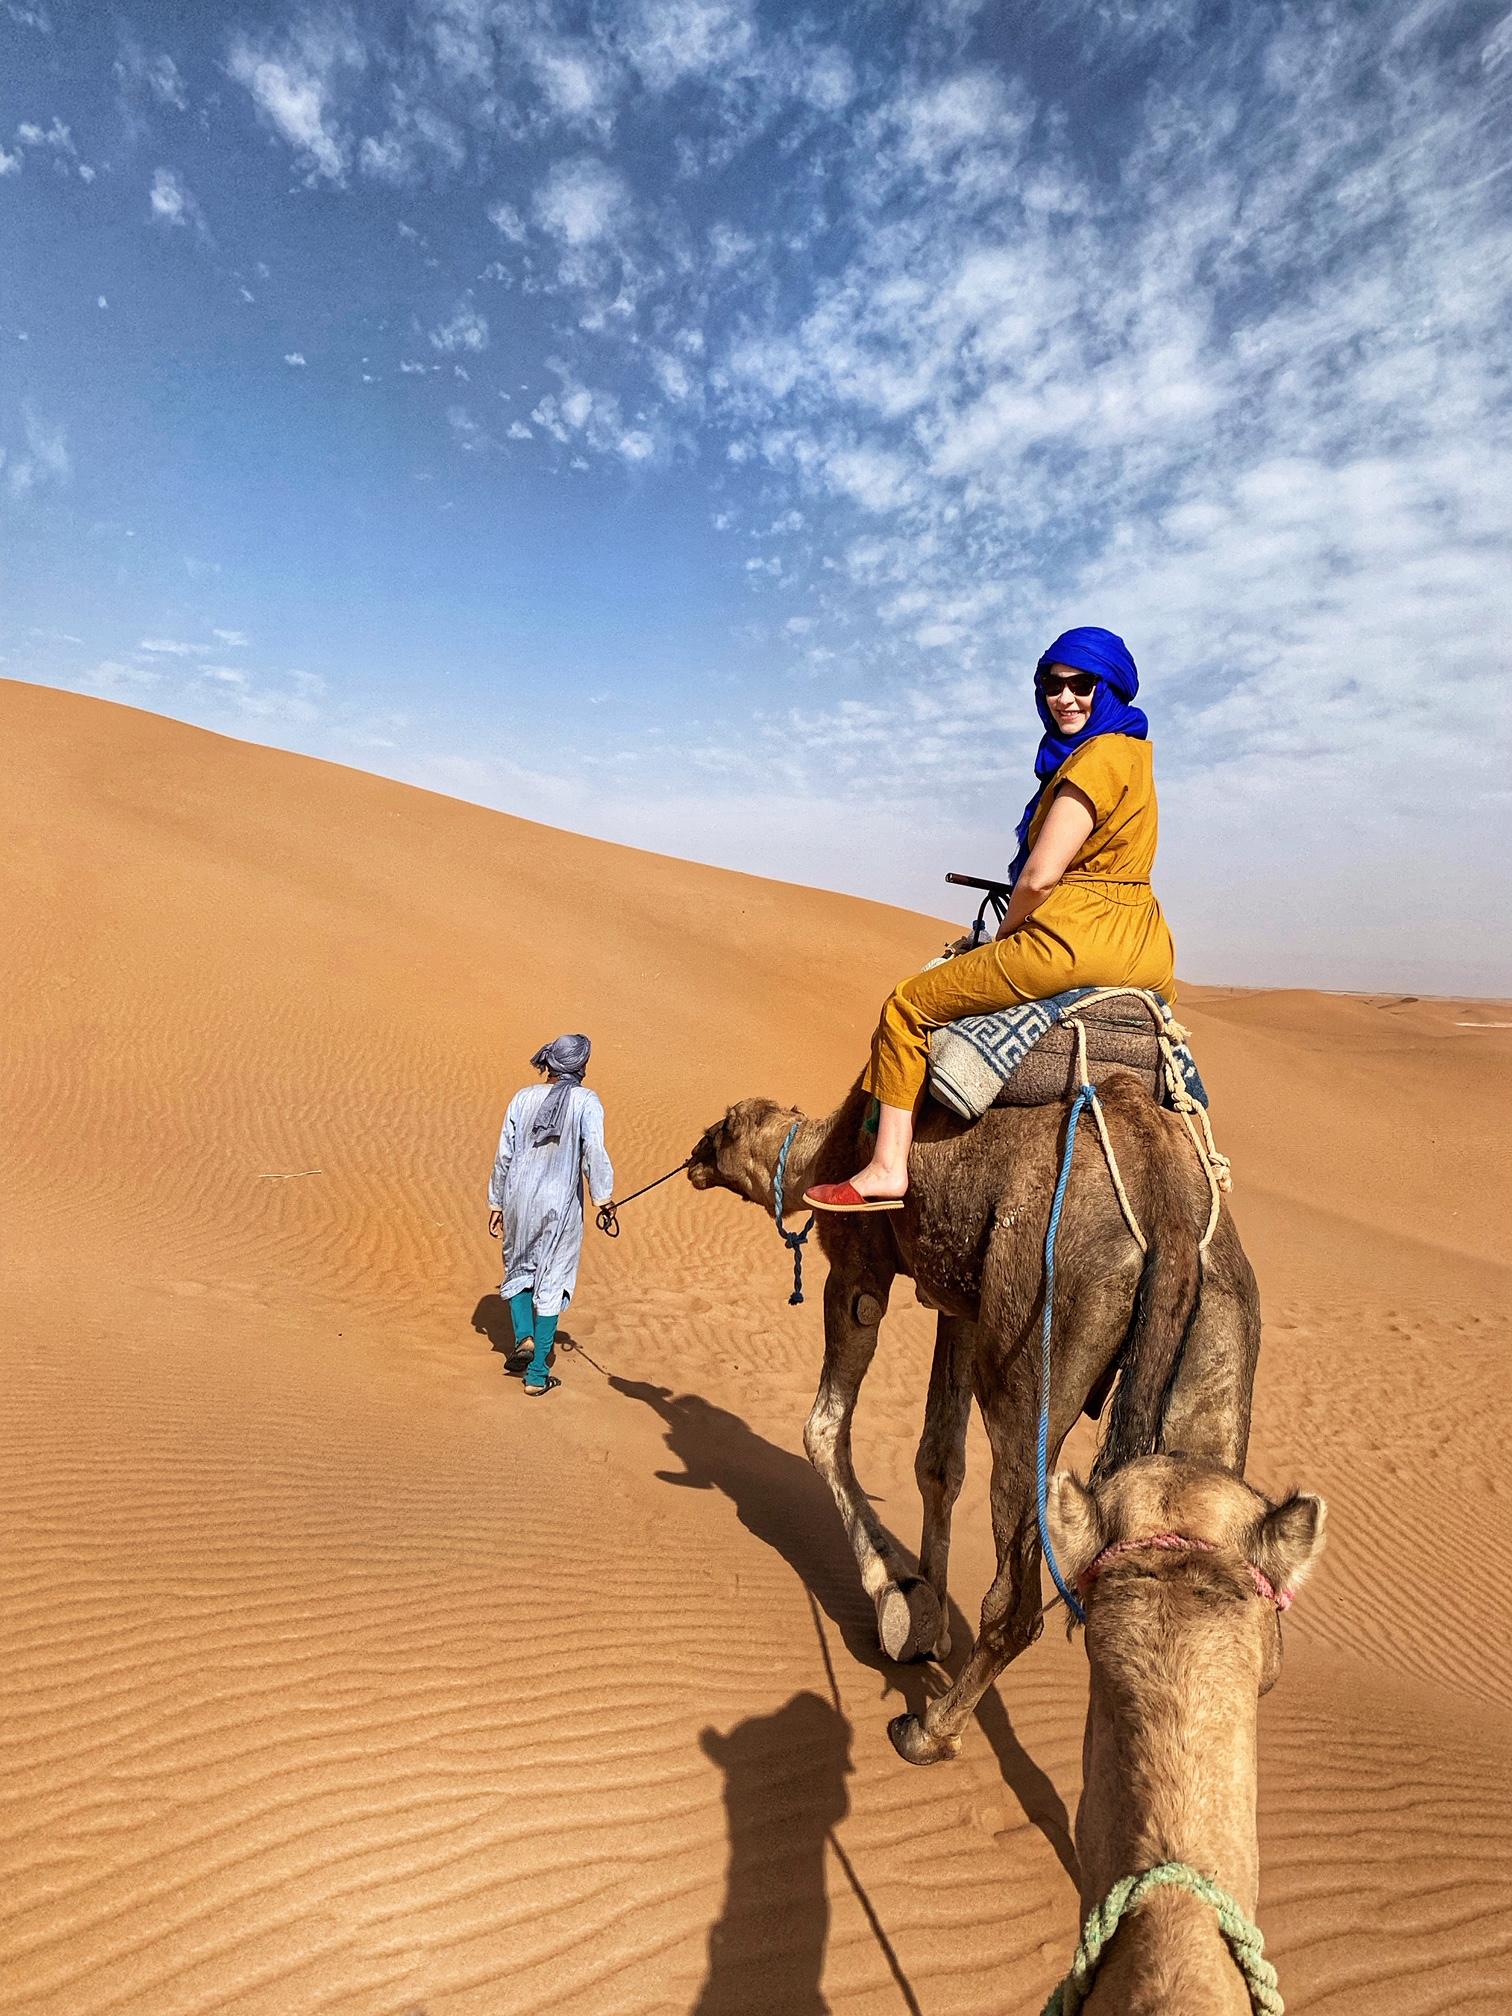 Erg Chigaga Desert Luxury Camp, camel ride, morocco, the-alyst.com